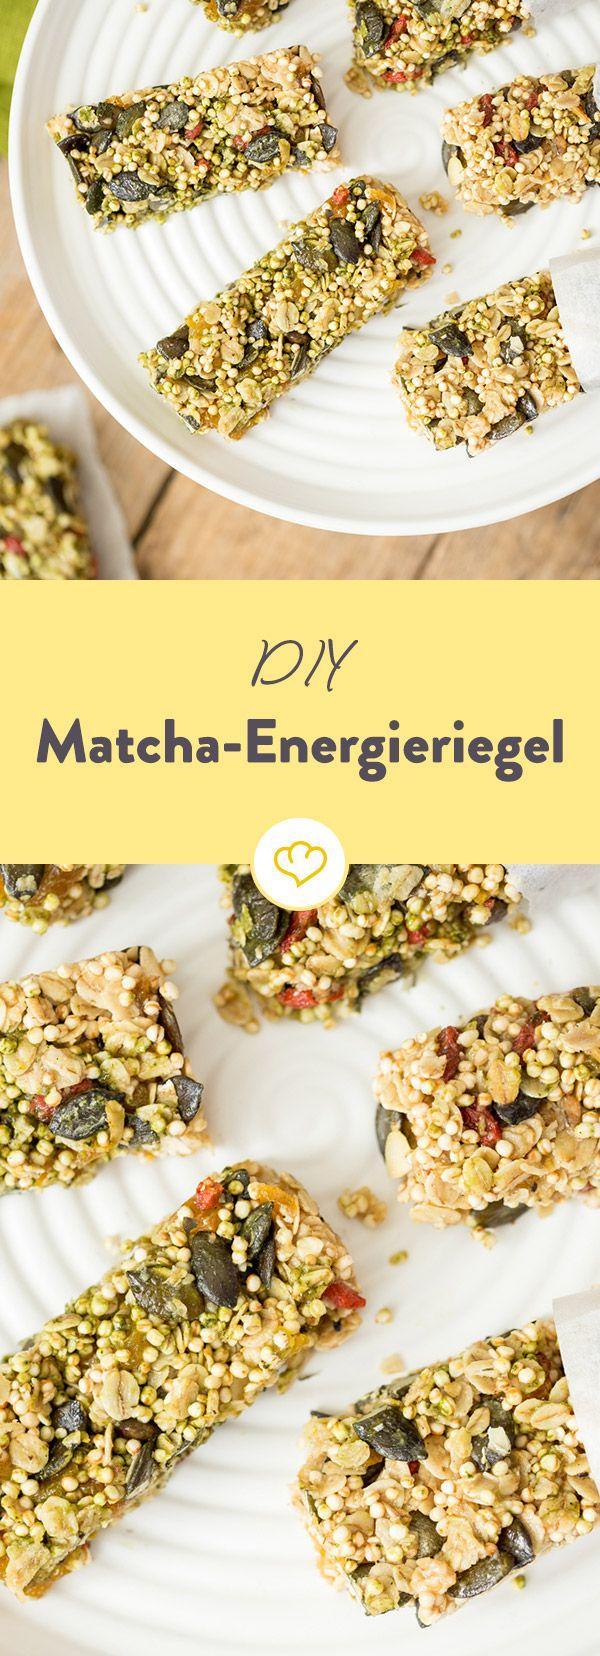 Grüner Riegel voller Energie: Haferflocken, Reis Crispies, Rosinen und Honig werden vereint und mit Matcha-Pulver in ein neues, grünes Gewand gehüllt.